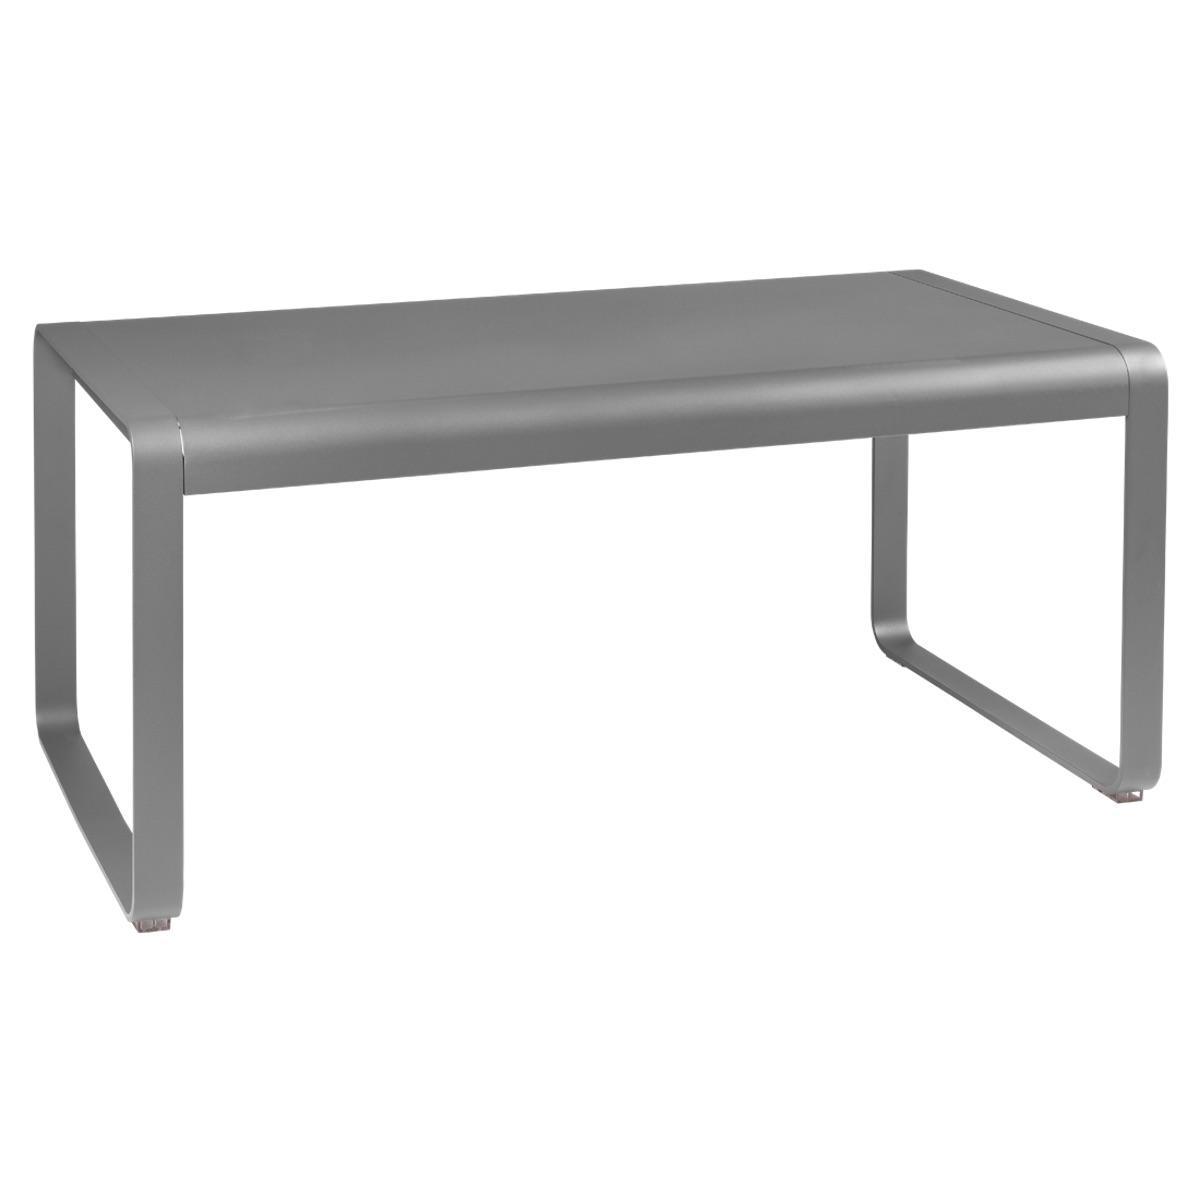 Table de jardin mi-hauteur 80x140cm BELLEVIE Fermob gris métal